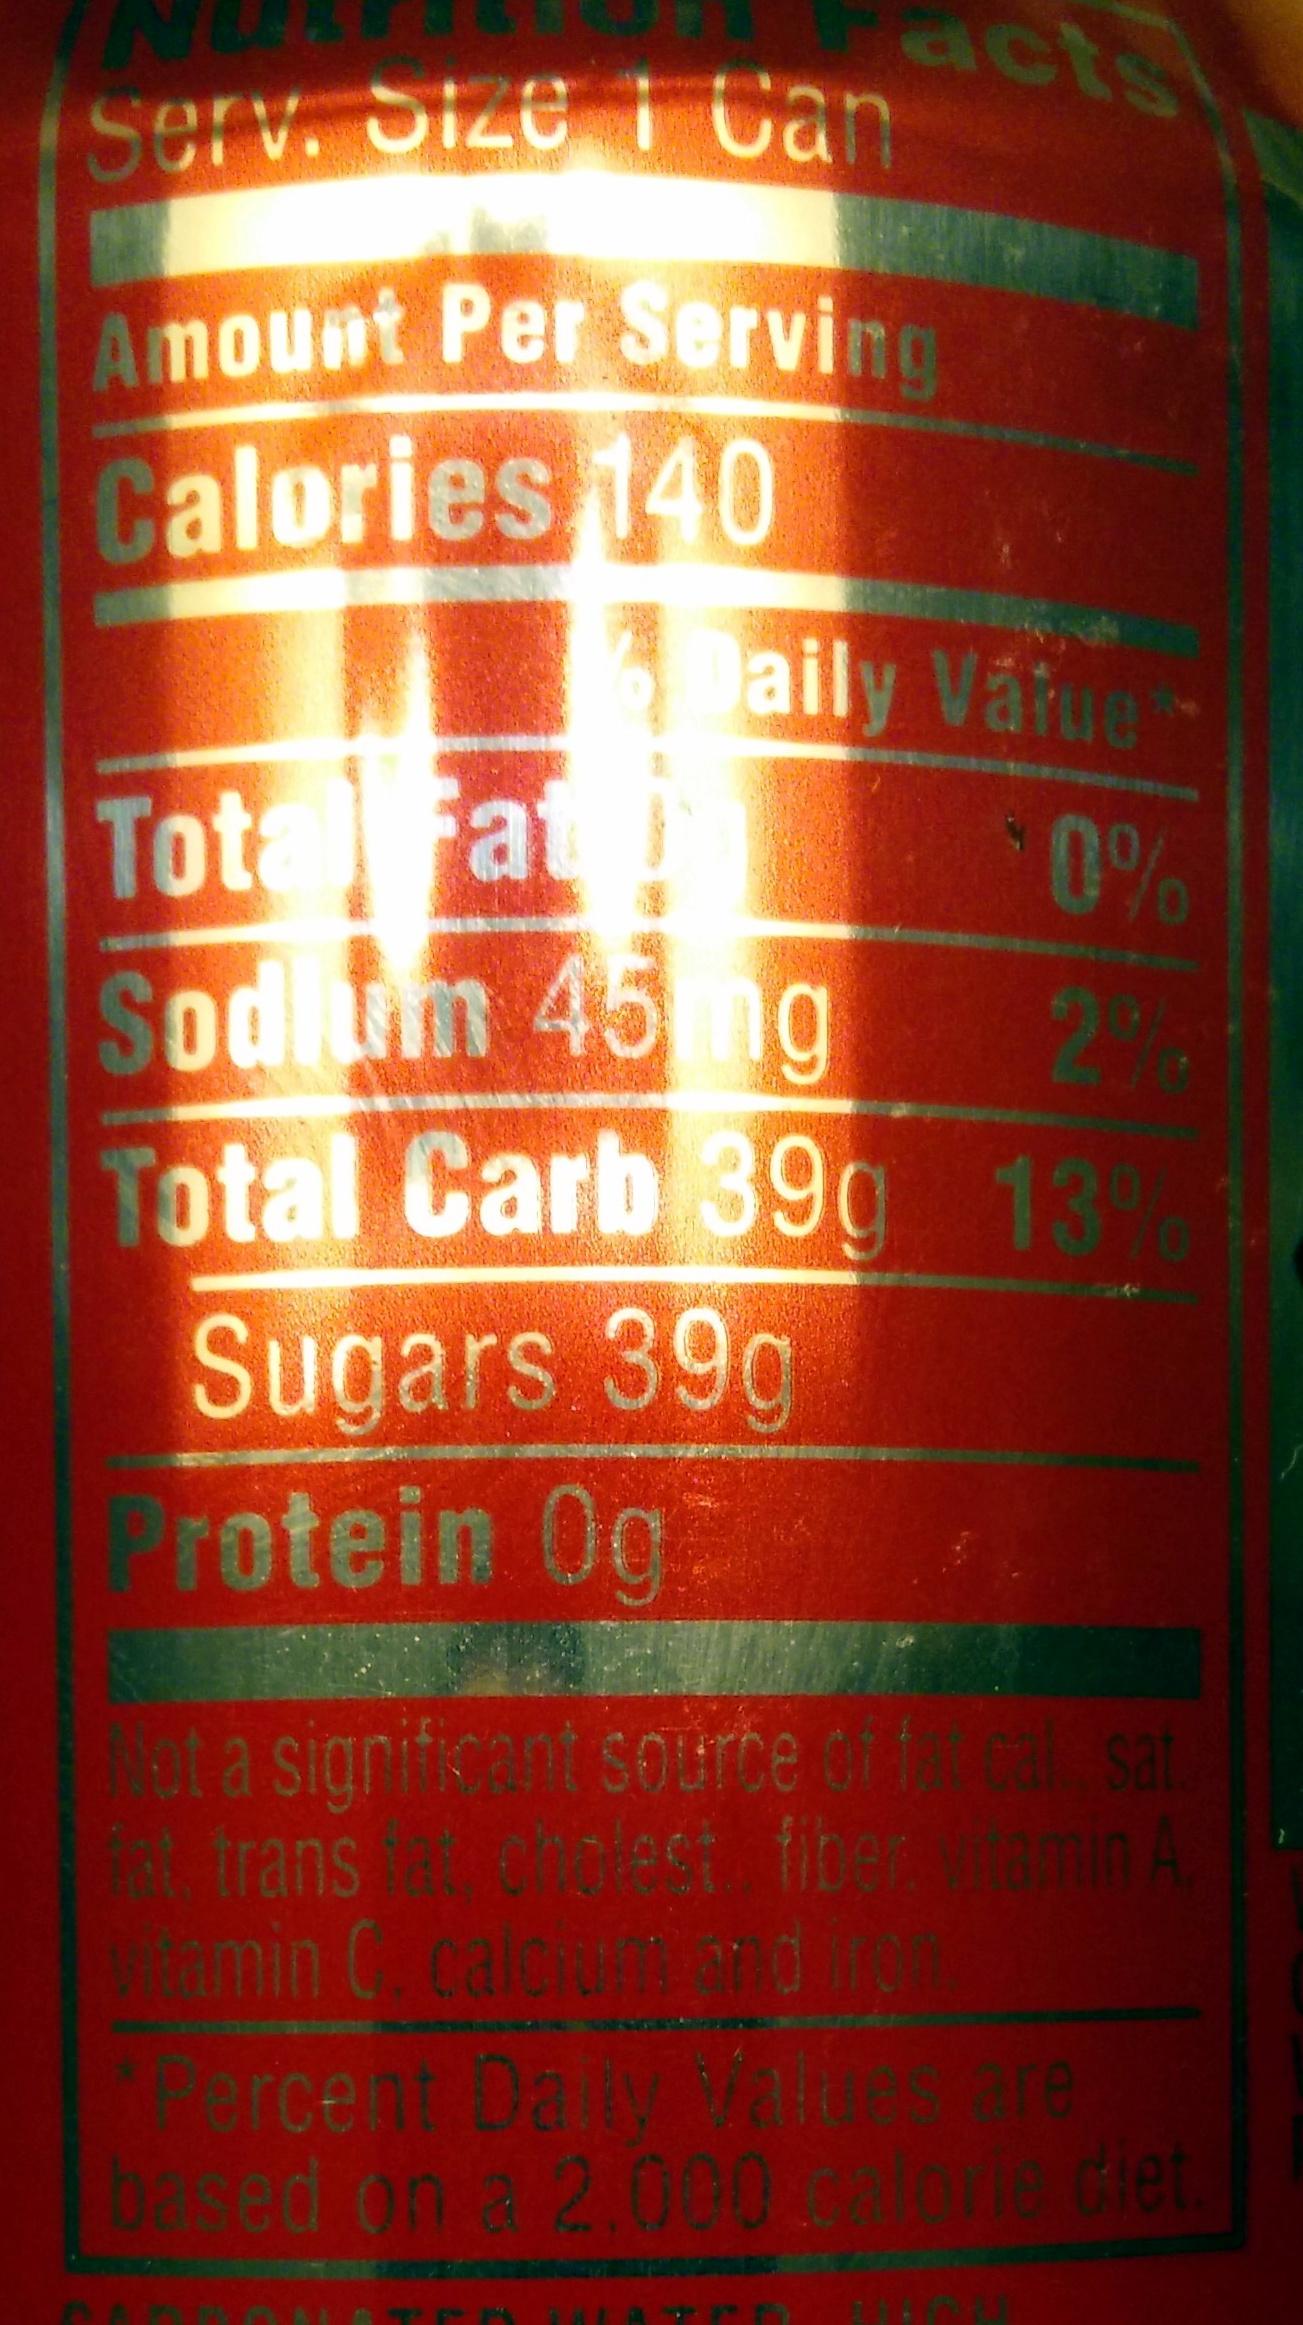 Coca Cola Nutrition Facts Canada Coca-cola Nutrition Facts